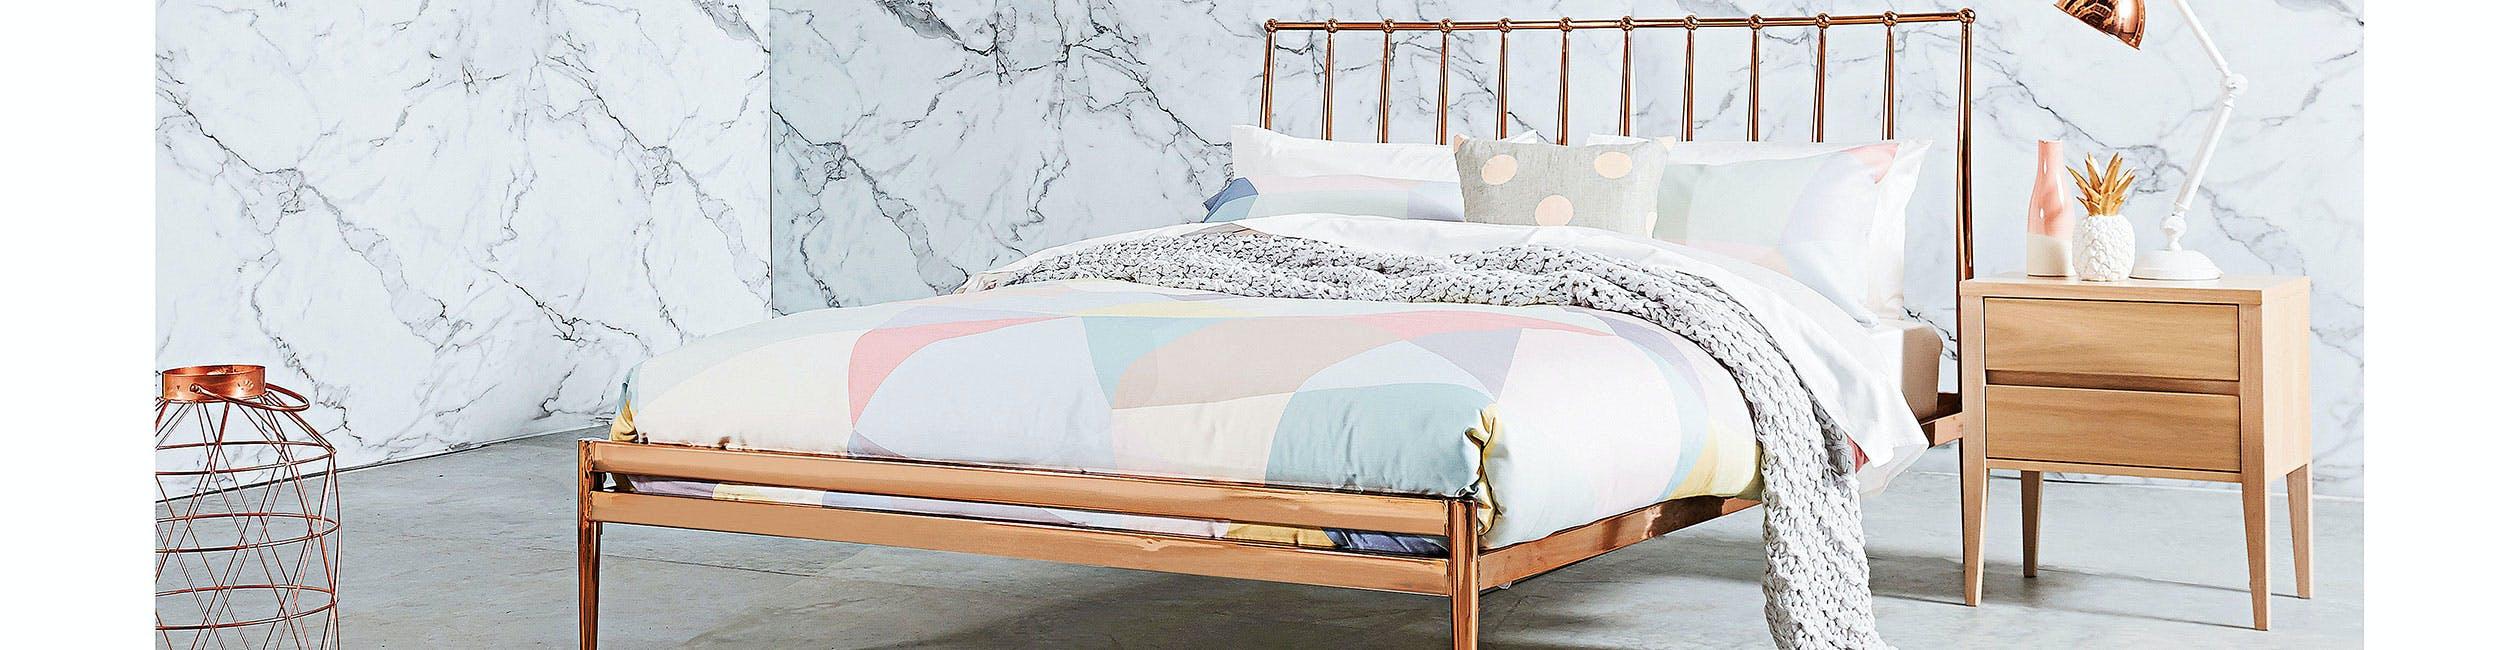 Domayne Bed Sale Sydney